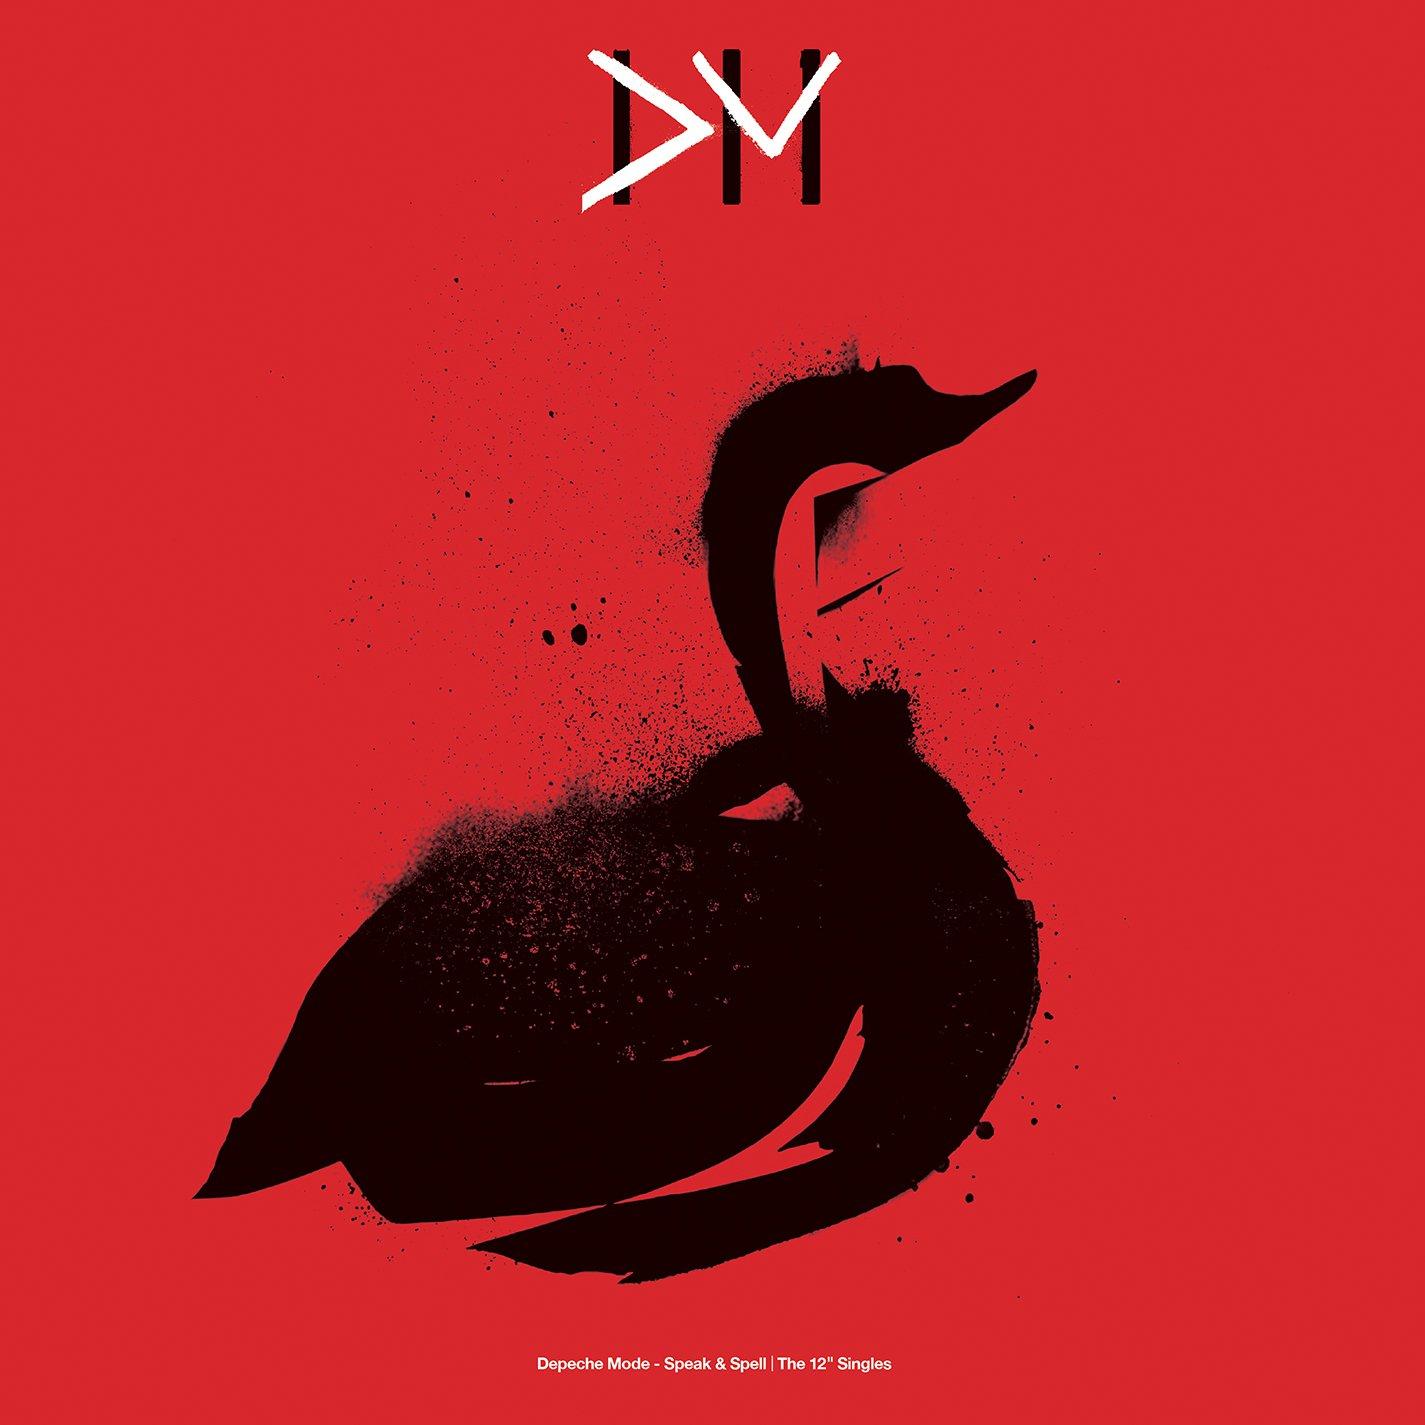 Vinilo : Depeche Mode - Speak & Spell (Oversize Item Split, 5PC)